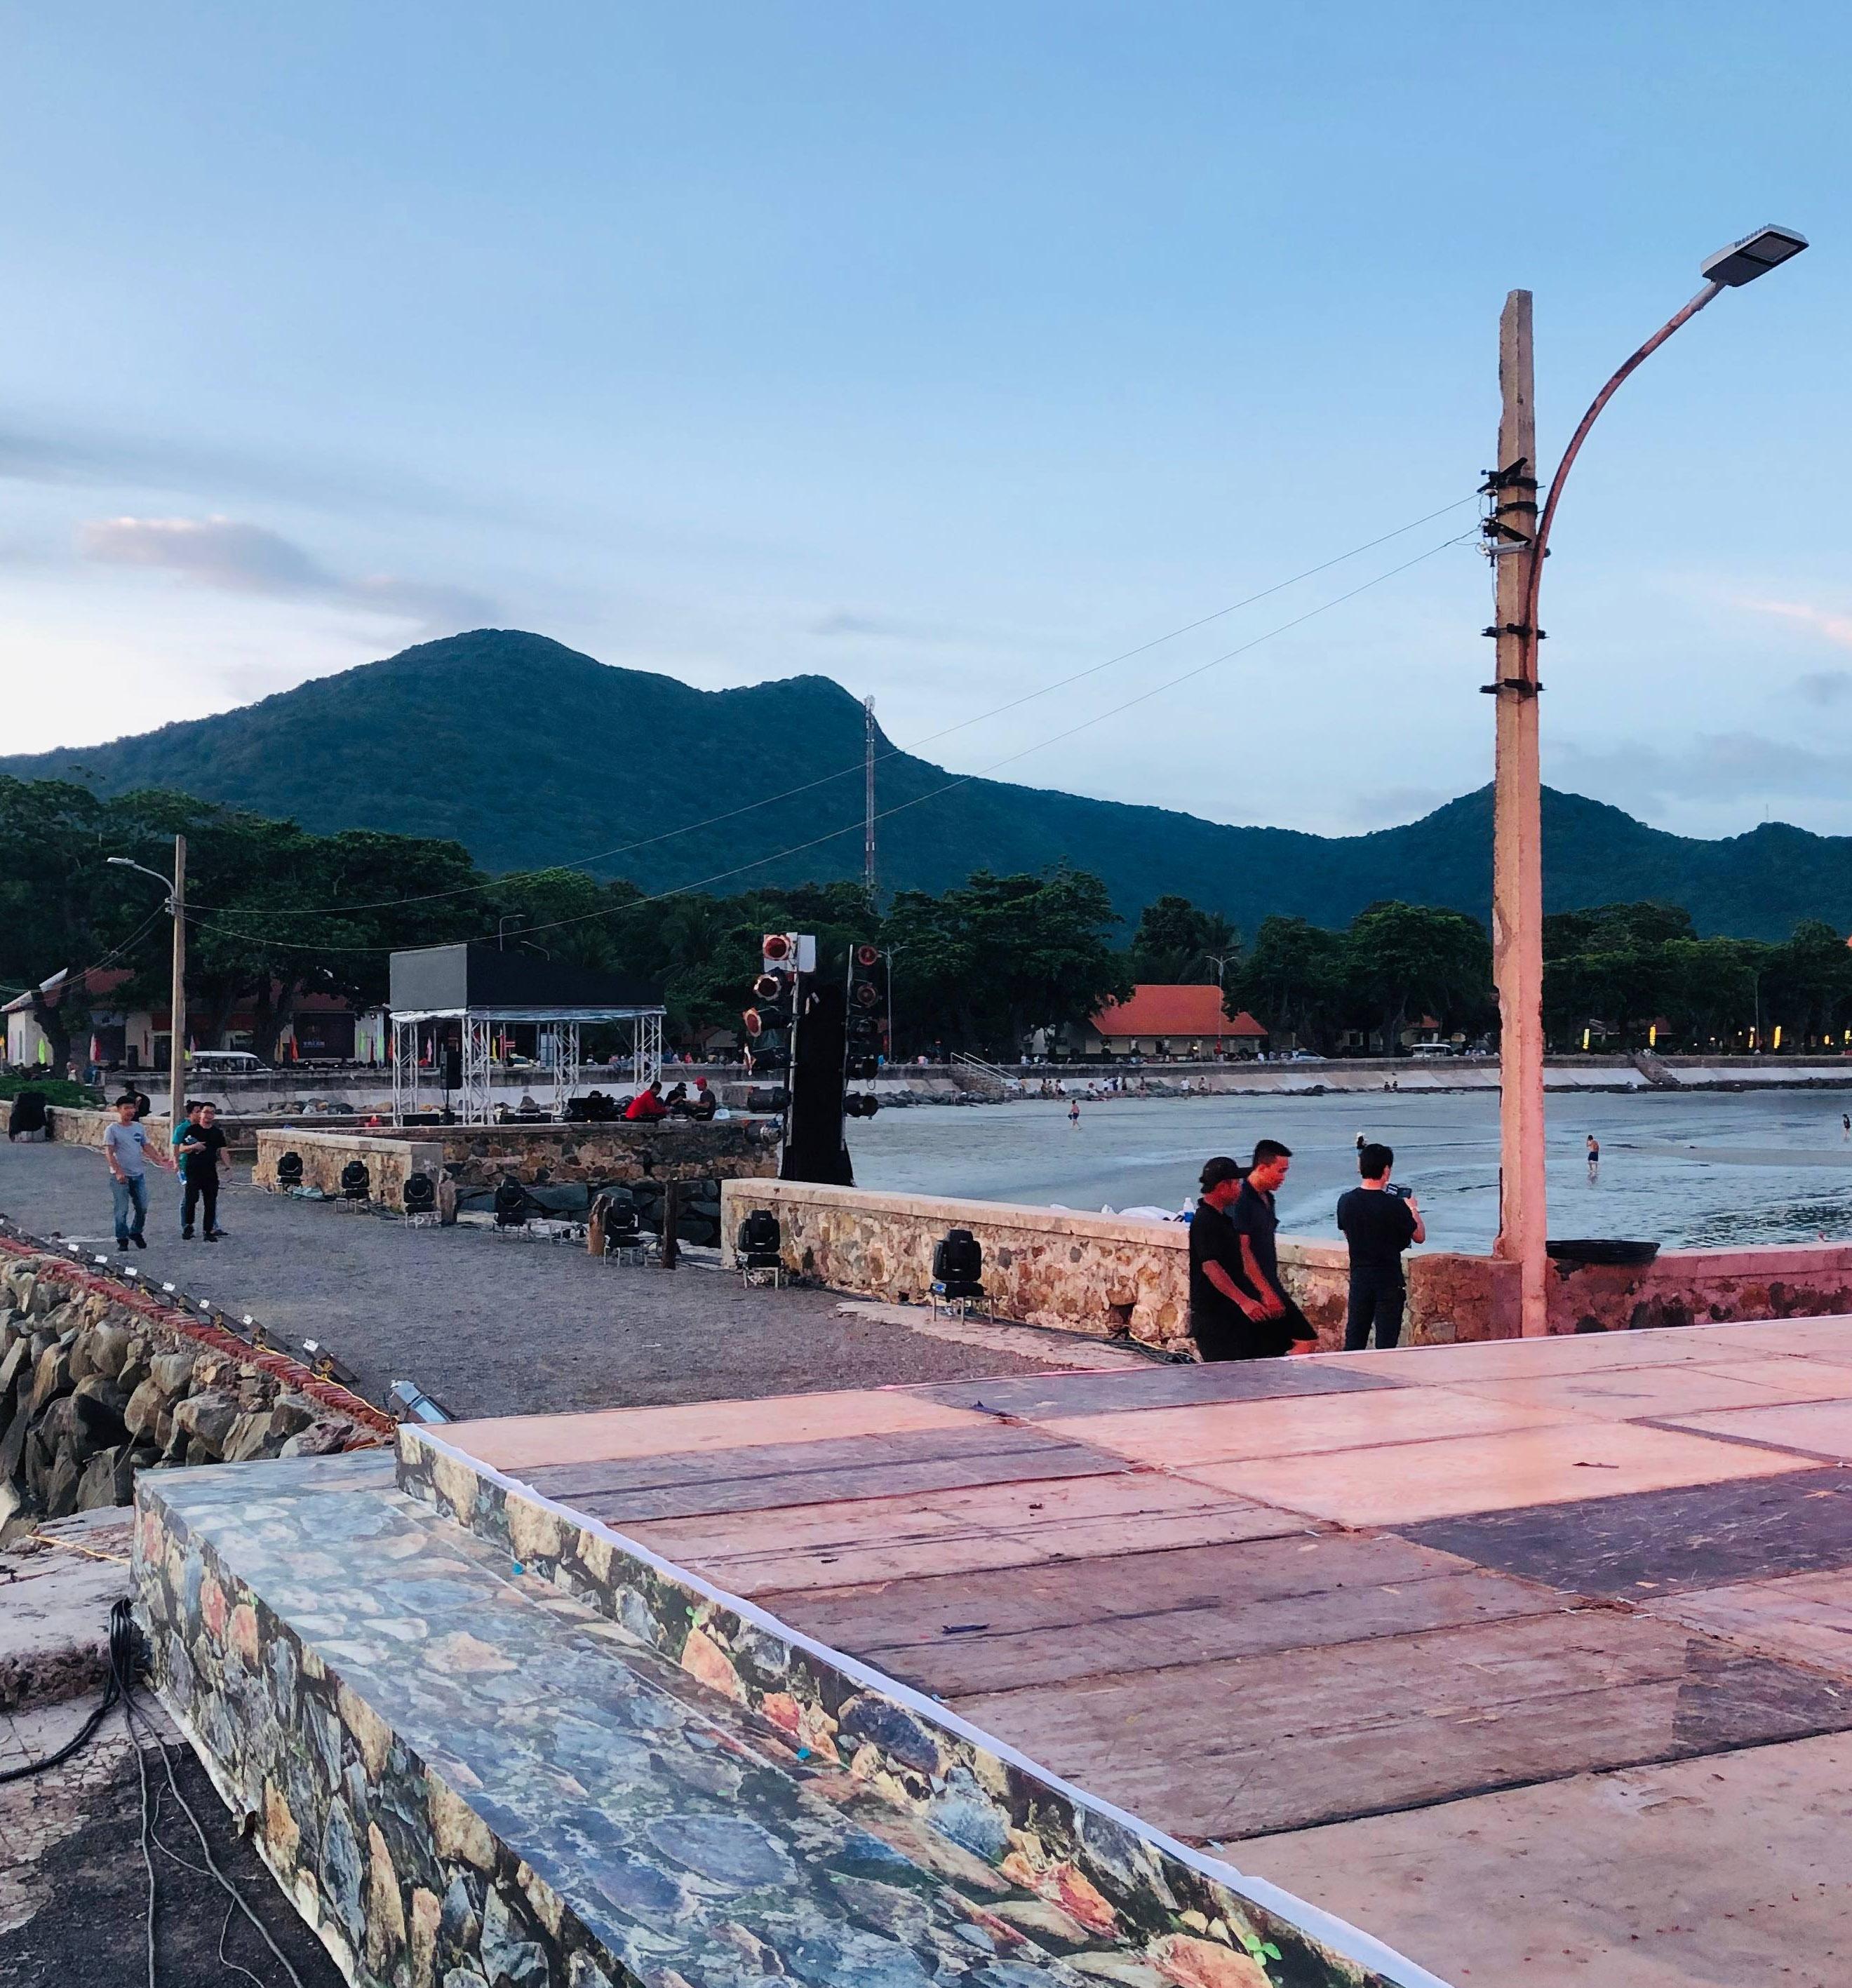 Điểm danh 15 địa điểm siêu đẹp ở Côn Đảo lên hình cực ảo - 7